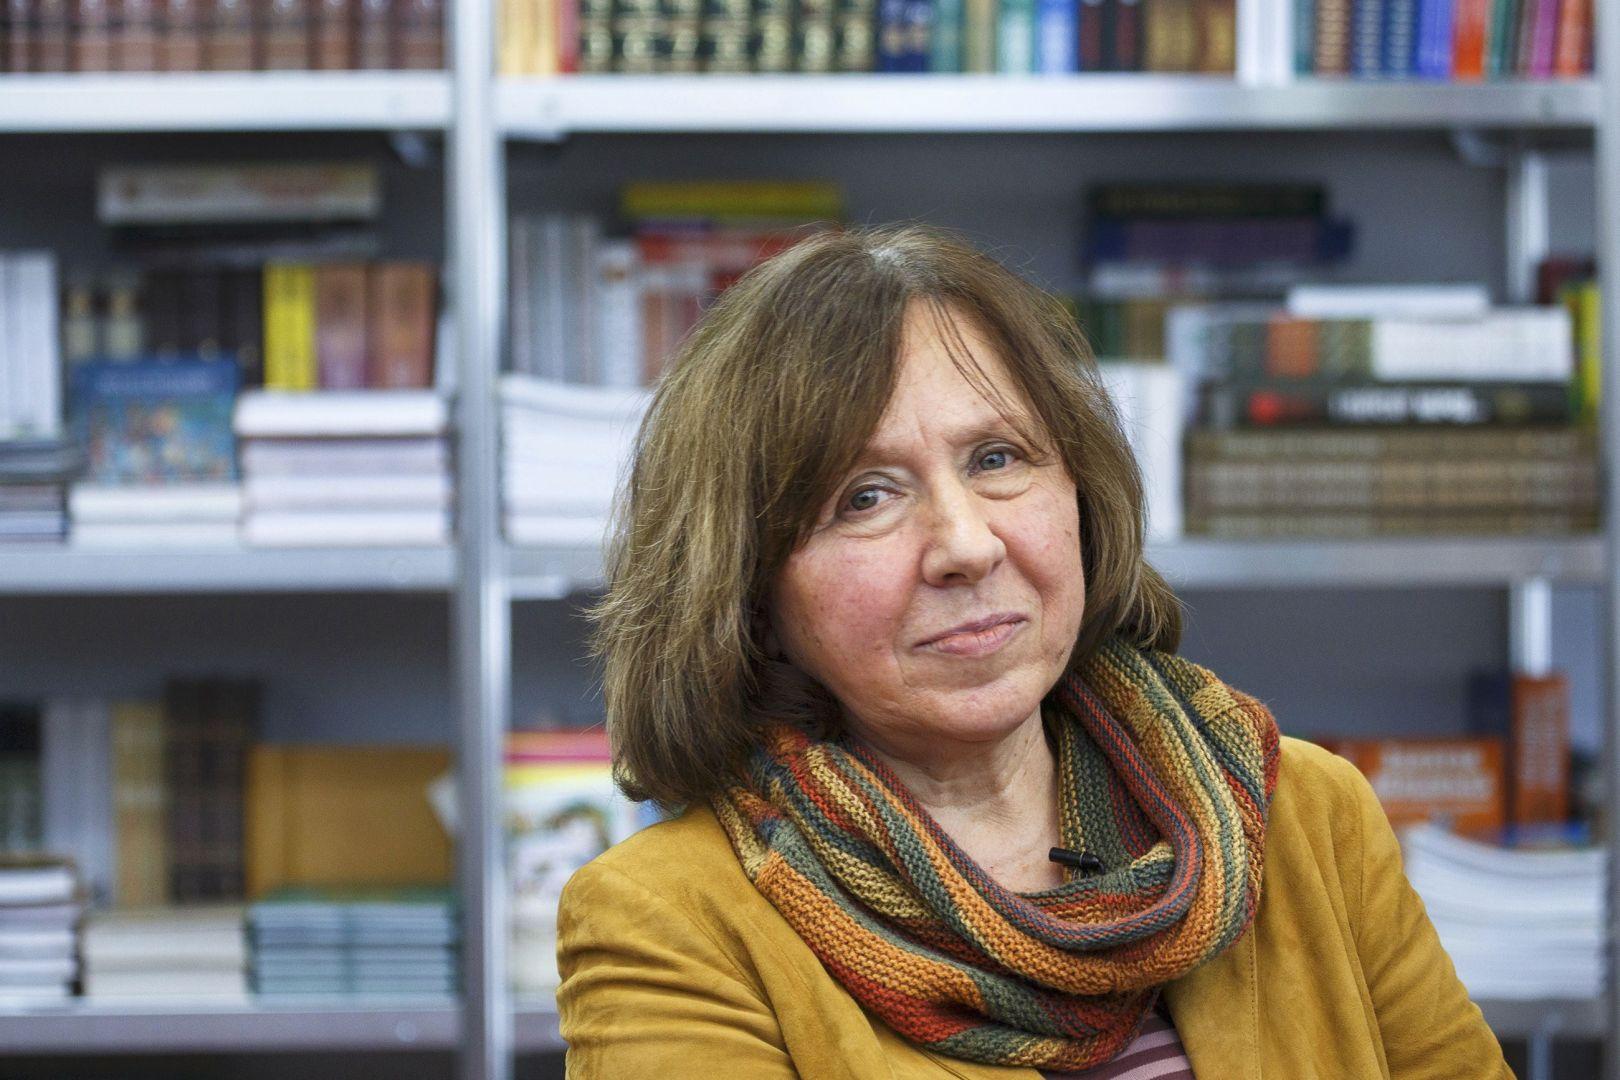 حقيبة ملأى بالحلوى: مقابلة مع سفيتلانا أليكسييفيتش (ترجمة)